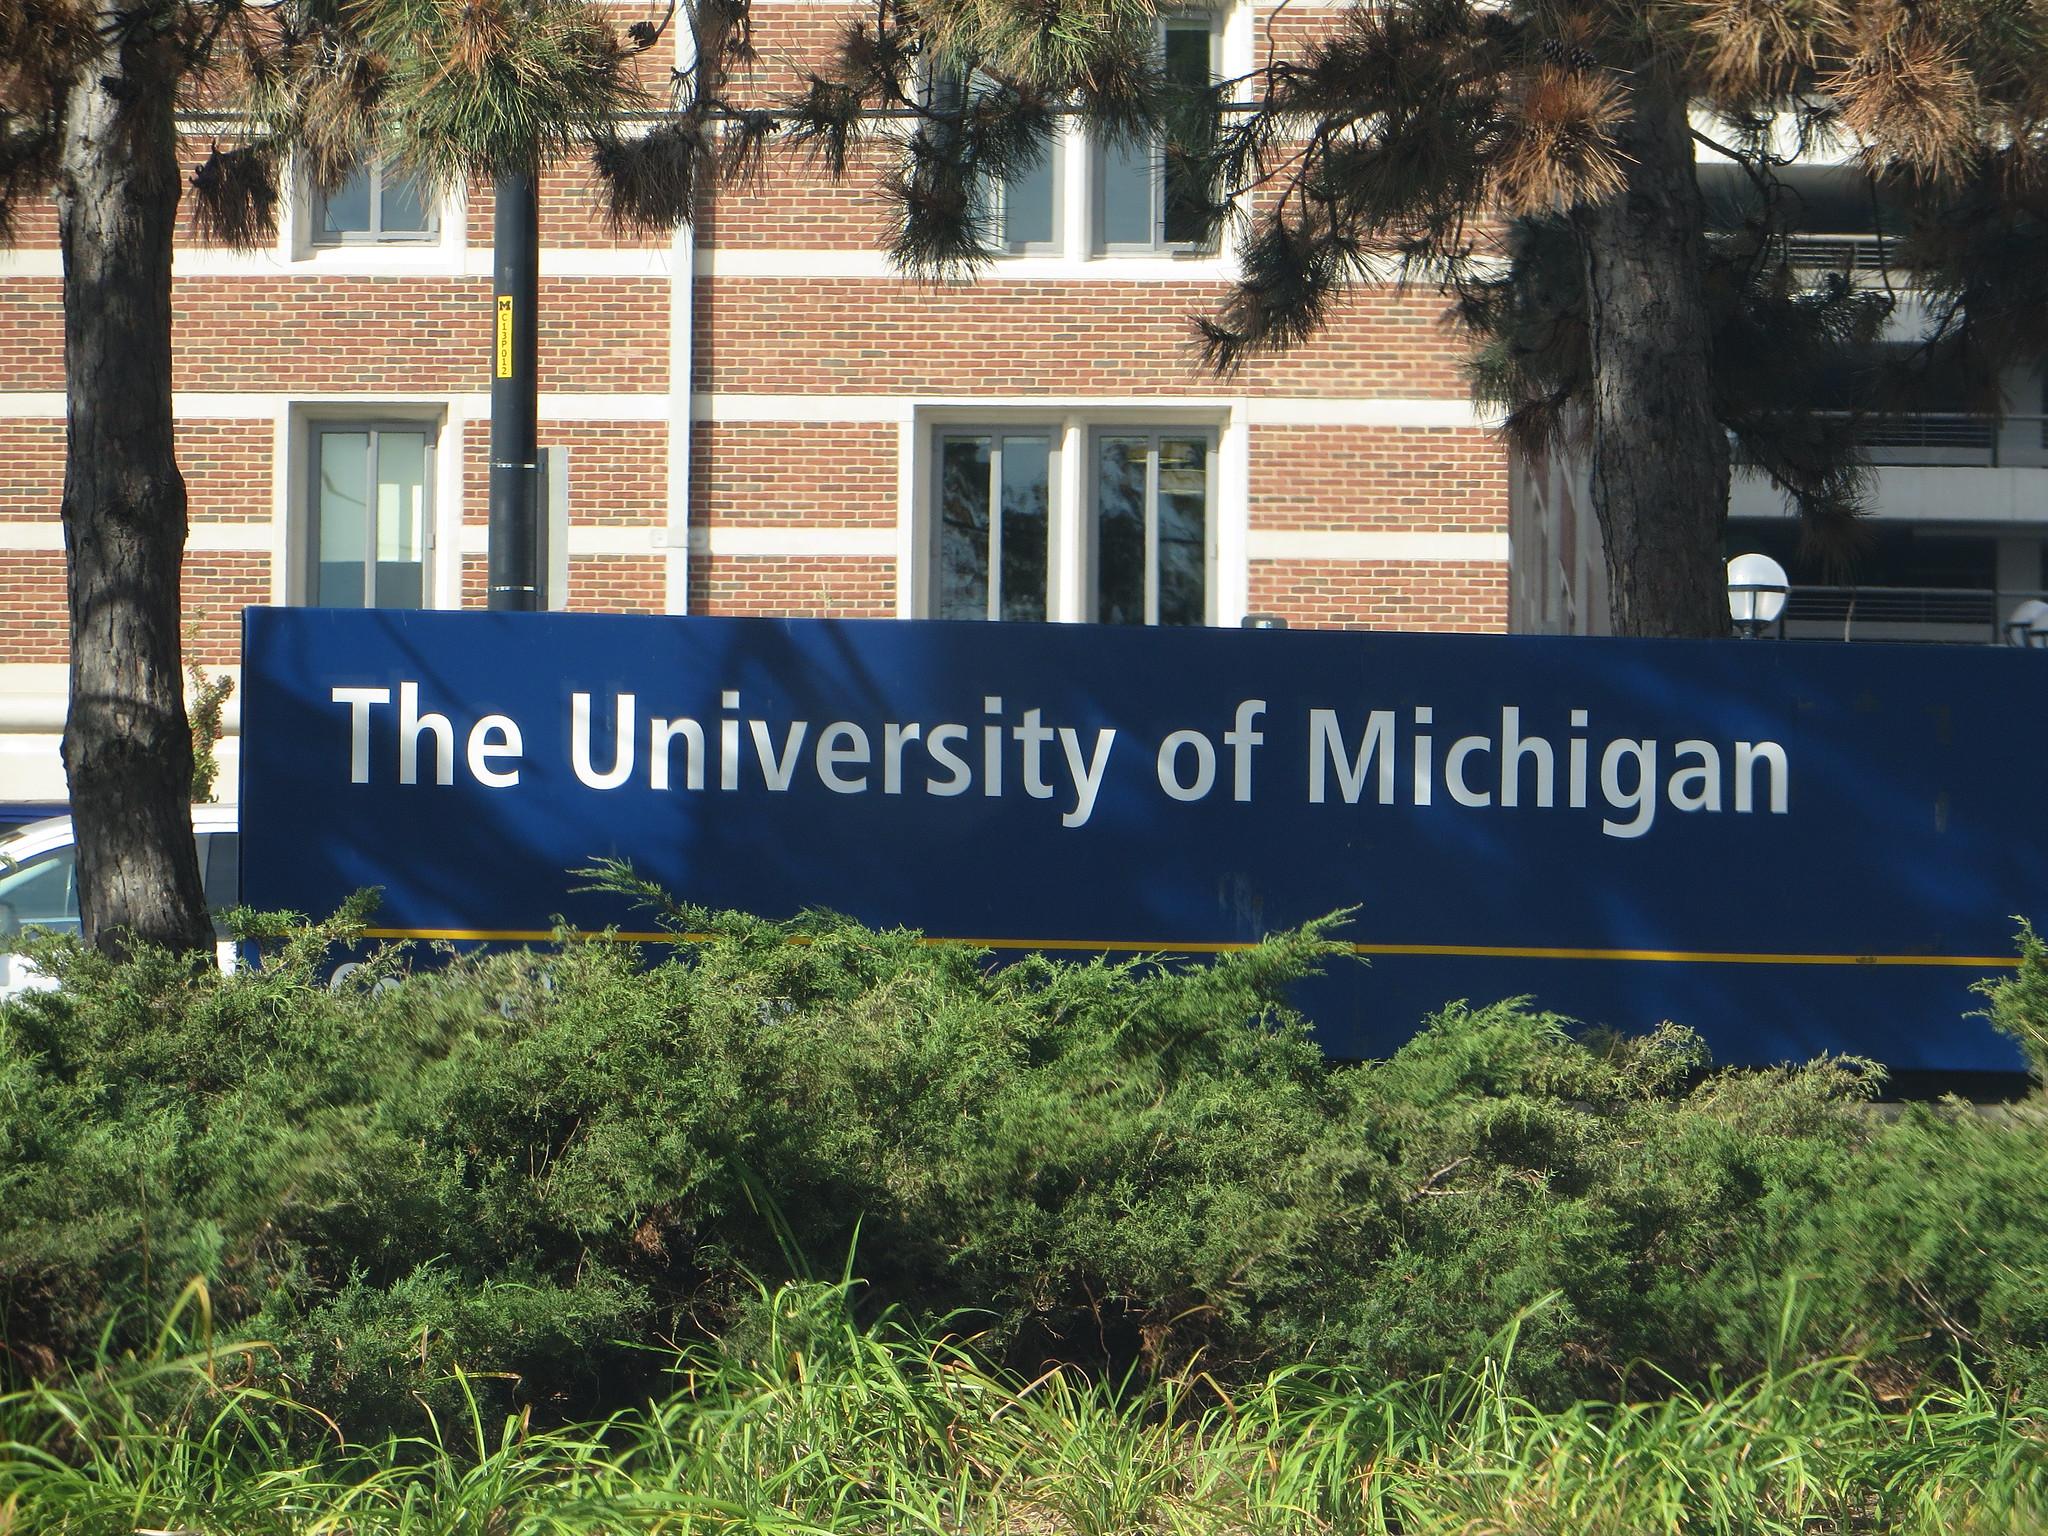 Por dentro da Universidade de Michigan: a melhor universidade pública dos EUA